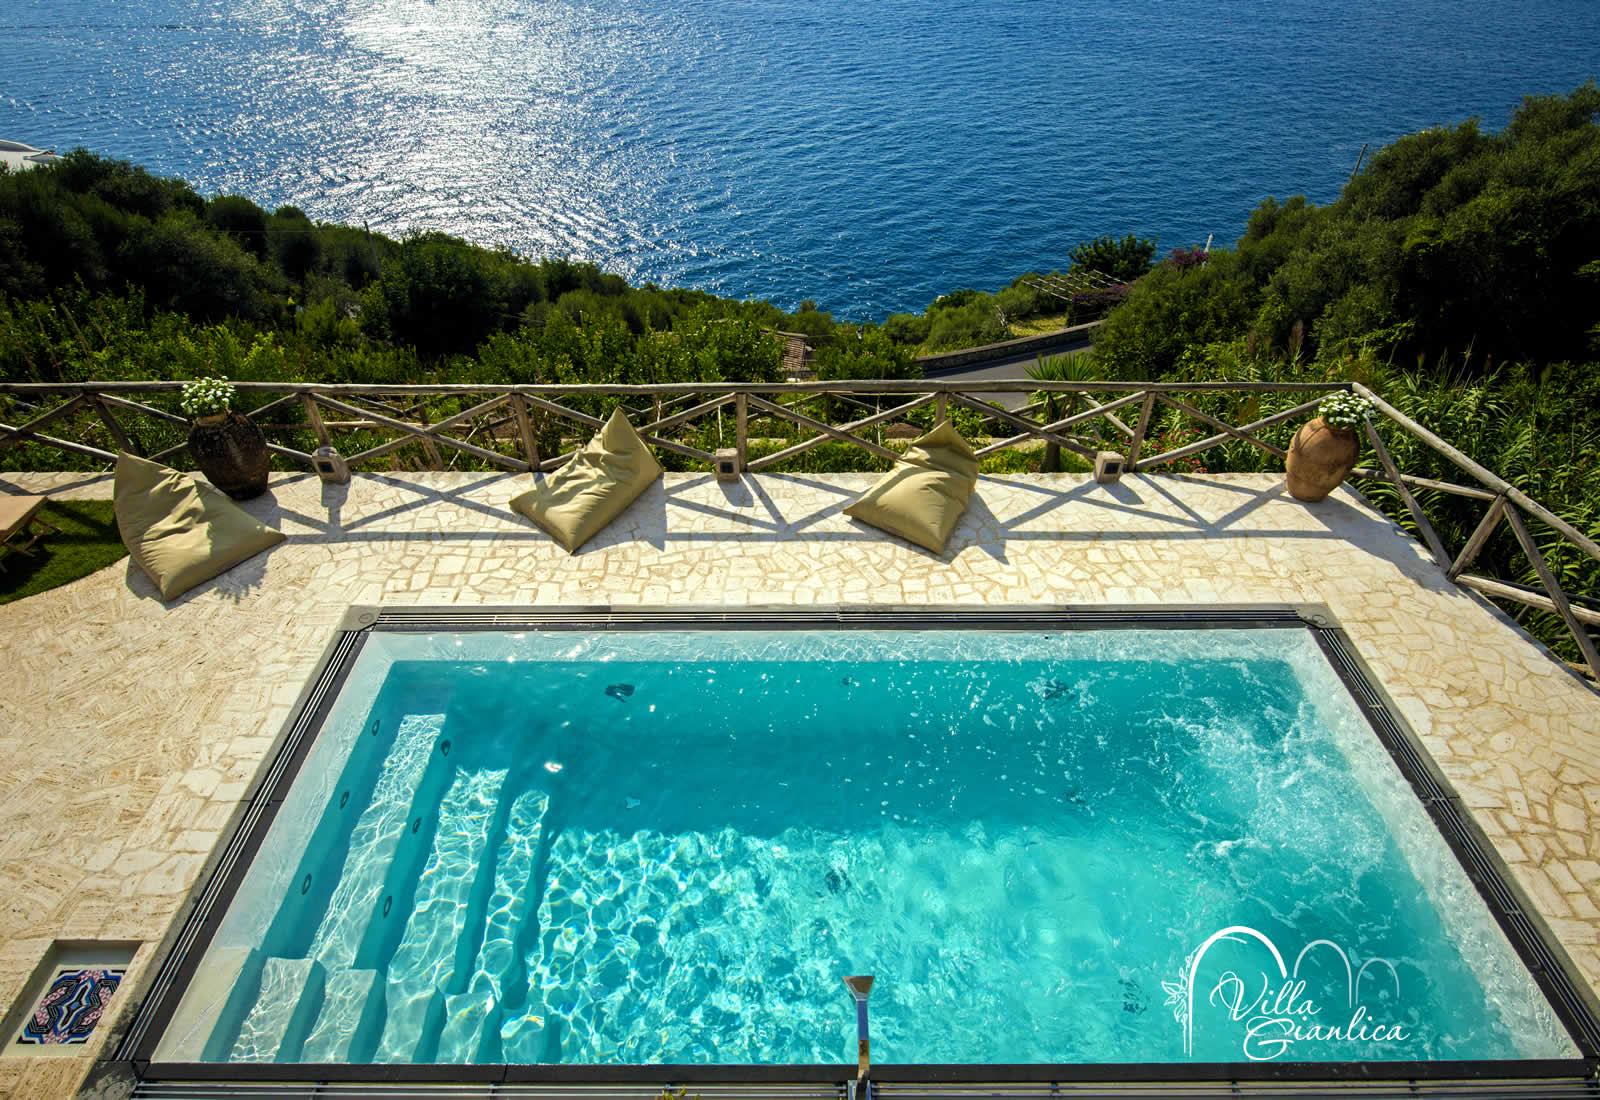 Piscina hotel villa gianlica praiano 5km da positano - Villa dei sogni piscina ...